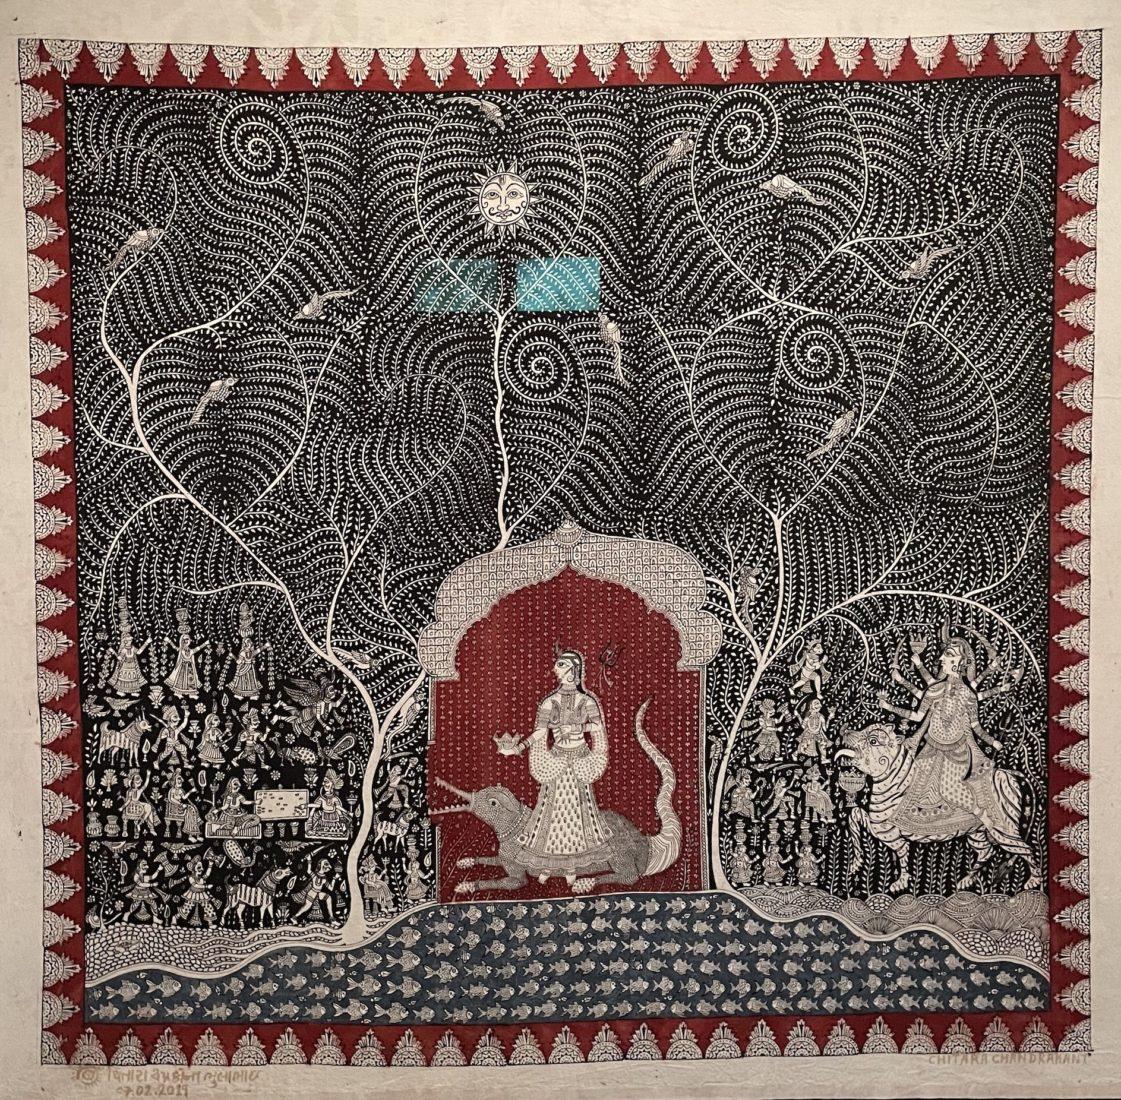 Château de Prangins Indiennes Mata ni pachedi, tenture de la déesse mère